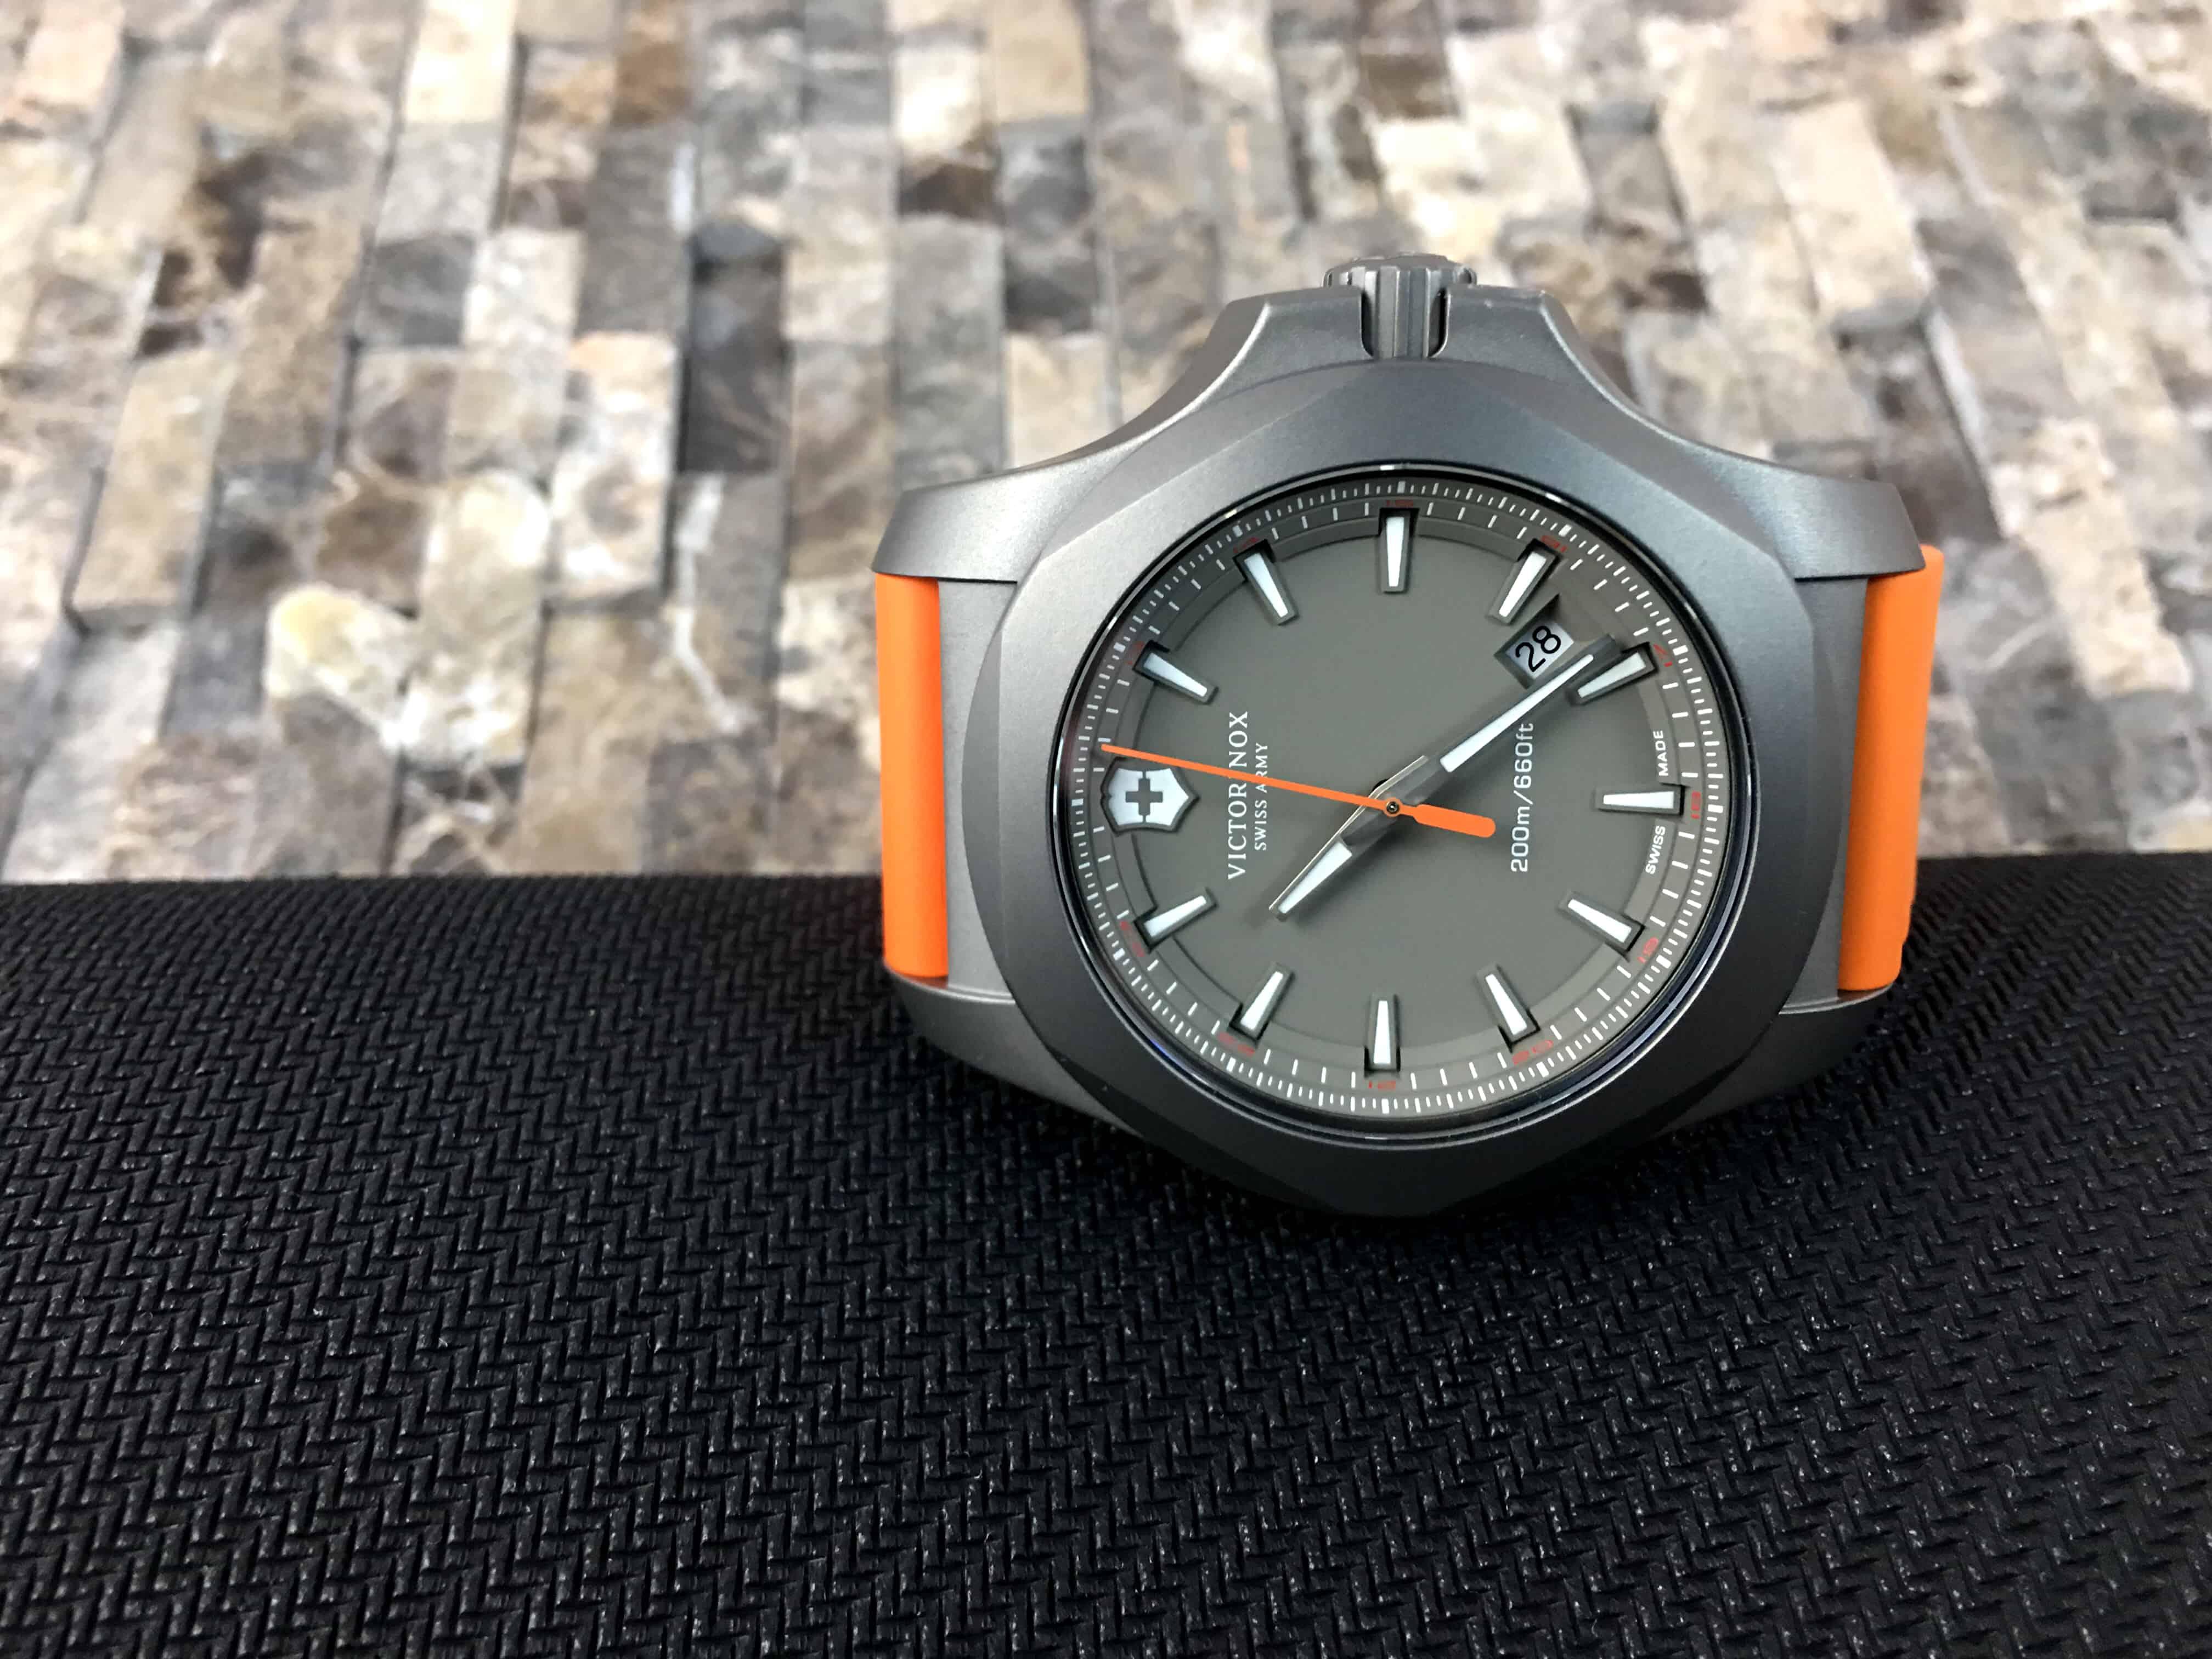 donde comprar relojes online victorinox - donde comprar relojes alicante - tienda relojes alicante - relojerias alicante capital -joyeria marga mira - relojes suizos alicante